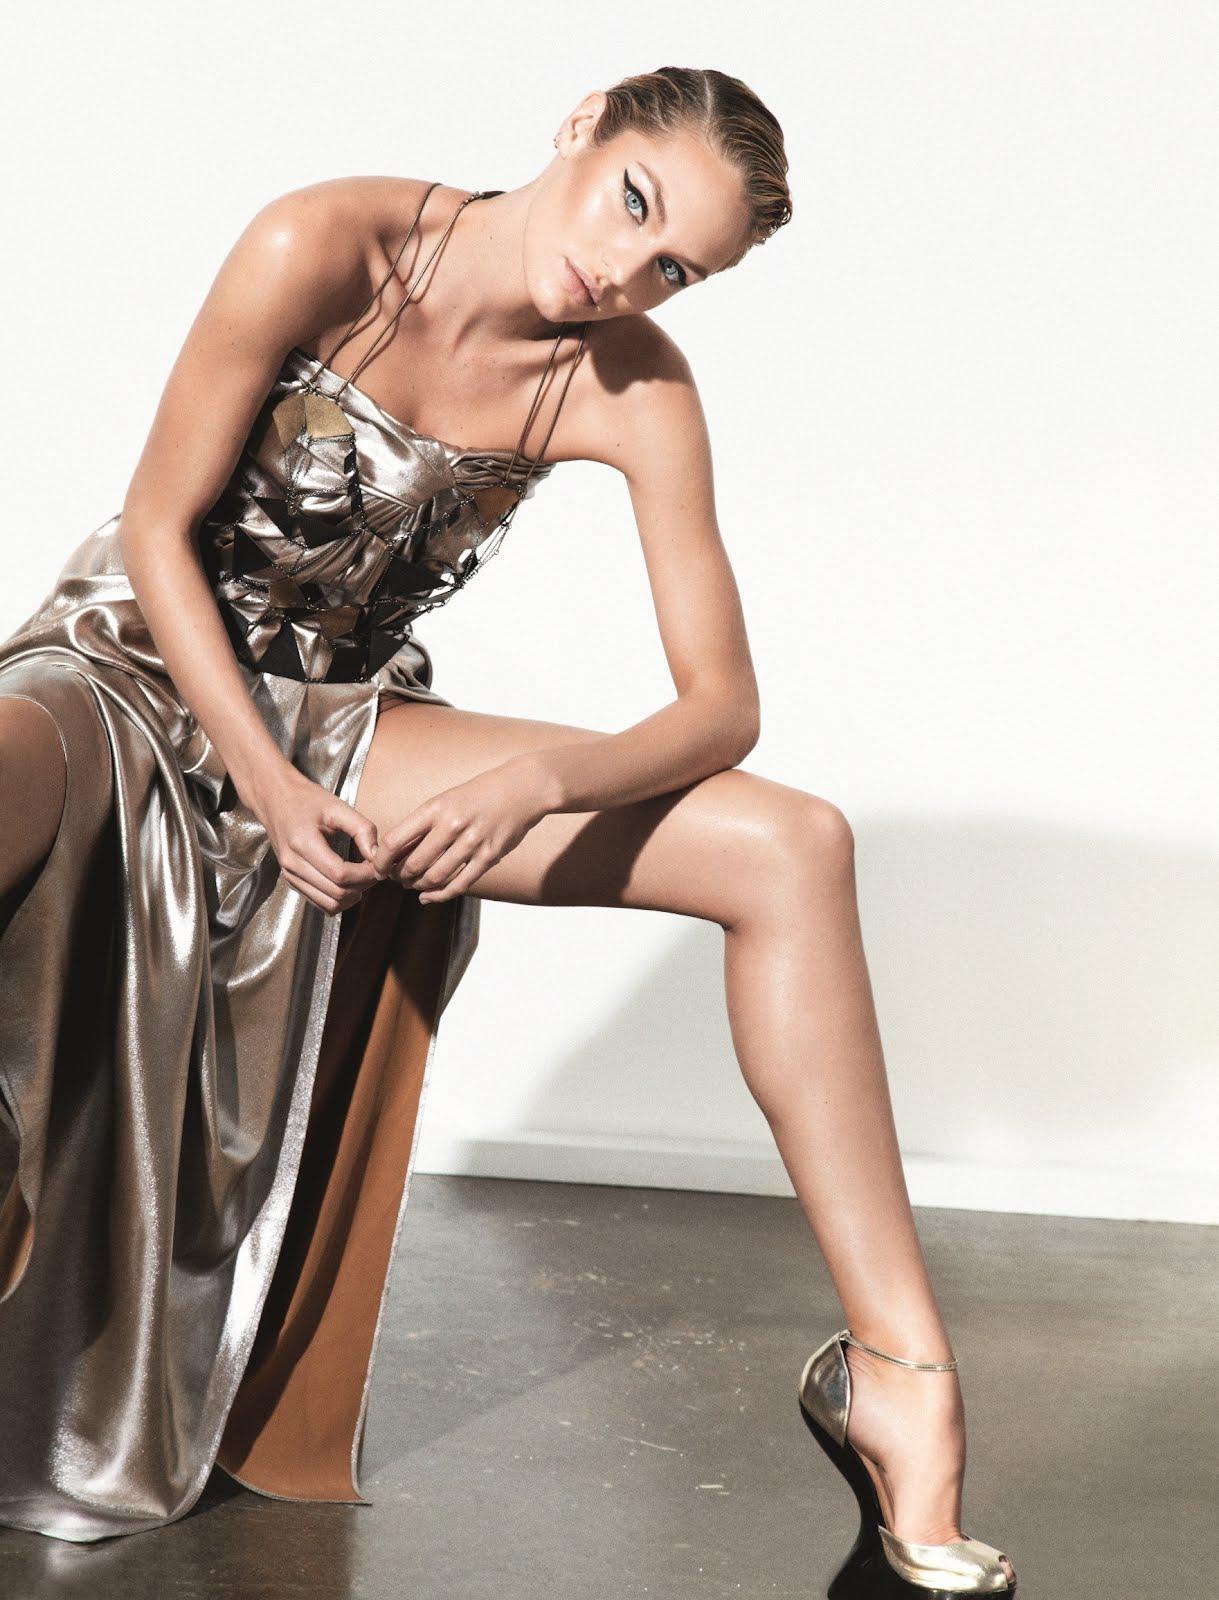 http://2.bp.blogspot.com/-Ok0R7aL94mA/UBgGi9LFNnI/AAAAAAAAFdk/kfdLh-1JgkQ/s1600/Candice+Swanepoel+by+Collier+Schorr+%28Candy+Cane+-+Muse+%2330+Summer+2012%29.jpg